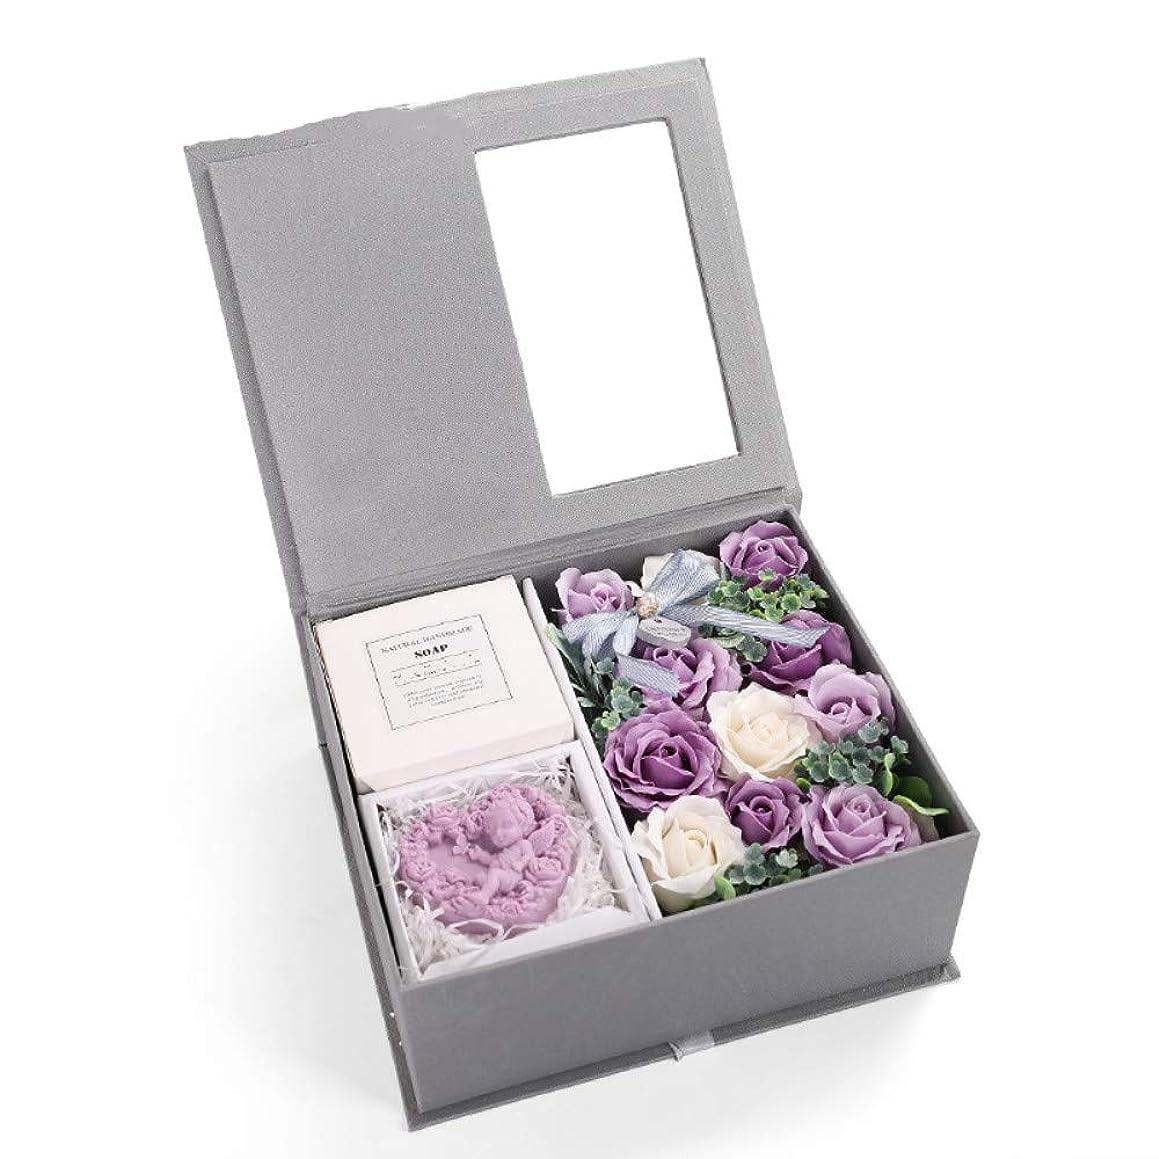 順応性のある輸血浸透する生地と花石鹸の花 バラの花バレンタインデーのためのエッセンシャルバス石鹸の花嫁の記念日誕生日母の日 (色 : 紫の)